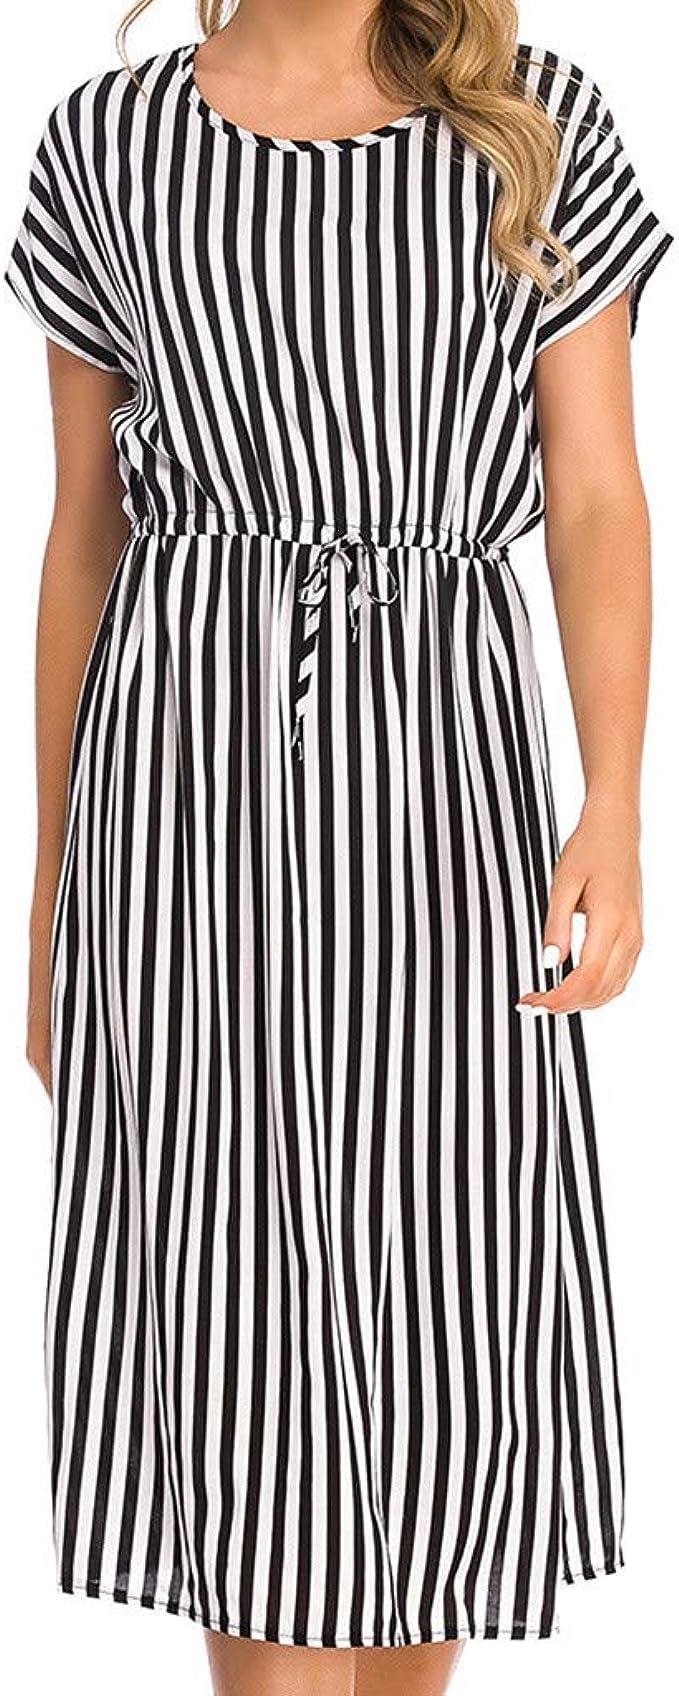 Poacher Vestidos De Fiesta Mujer Tallas Grandes Manga Corta Vestidos Largos Verano Mujer Fiesta Estampado Vestidos Mujer Casual Verano Vestidos Verano Mujer Playa Vestido Coctel Creeo Com Br